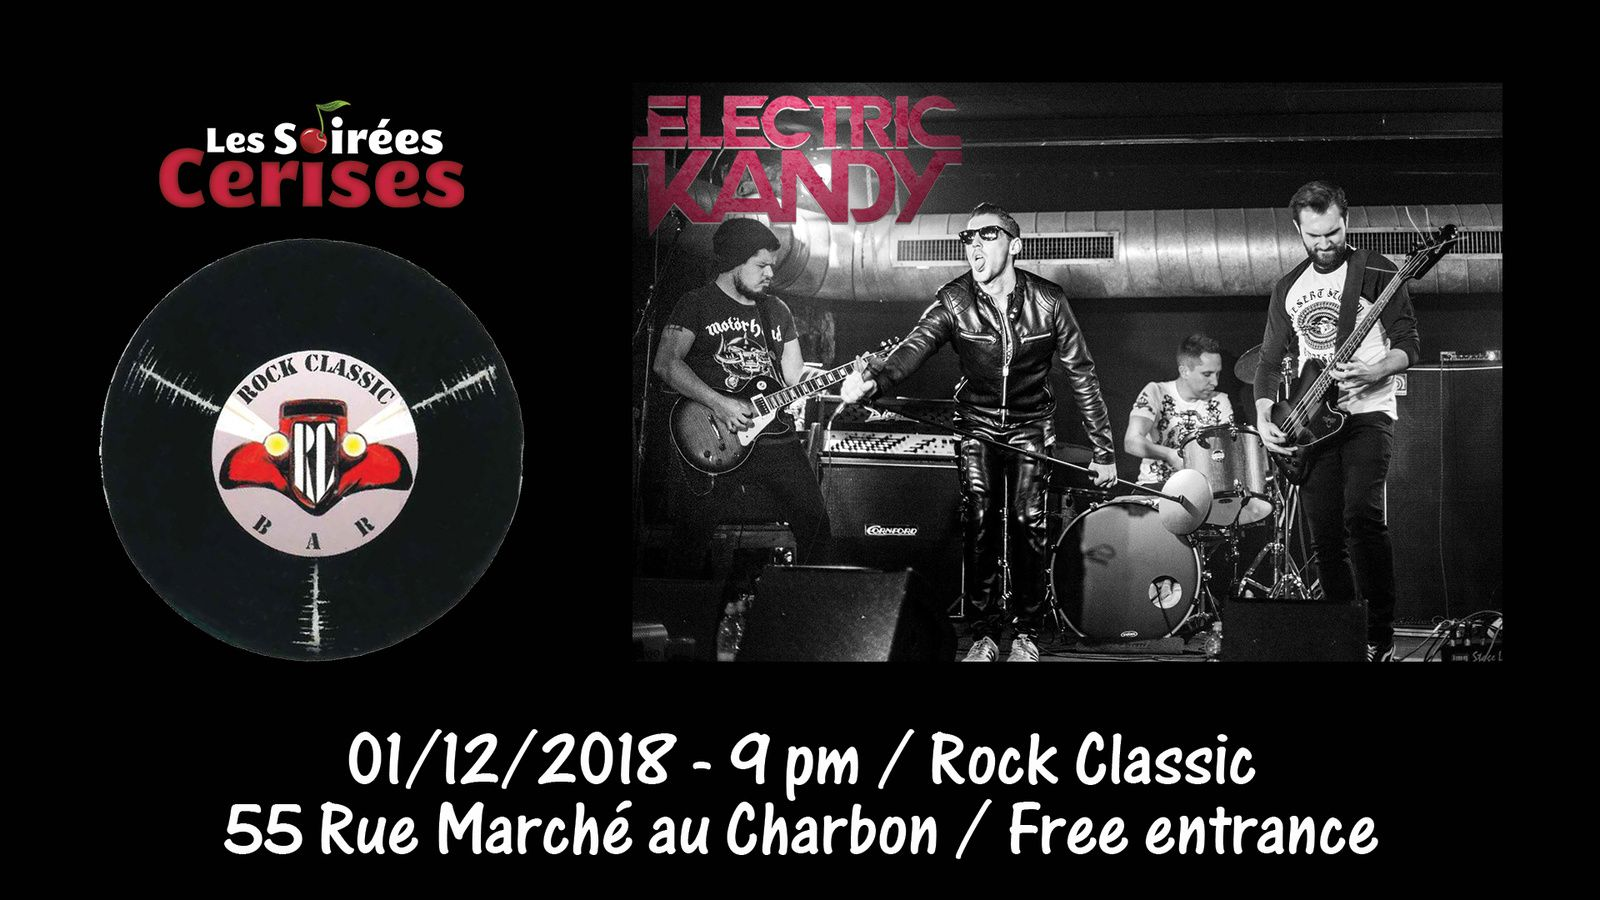 ▶ Electric Kandy @ Rock Classic - 01/12/2018 - 21h00 - Entrée gratuite!